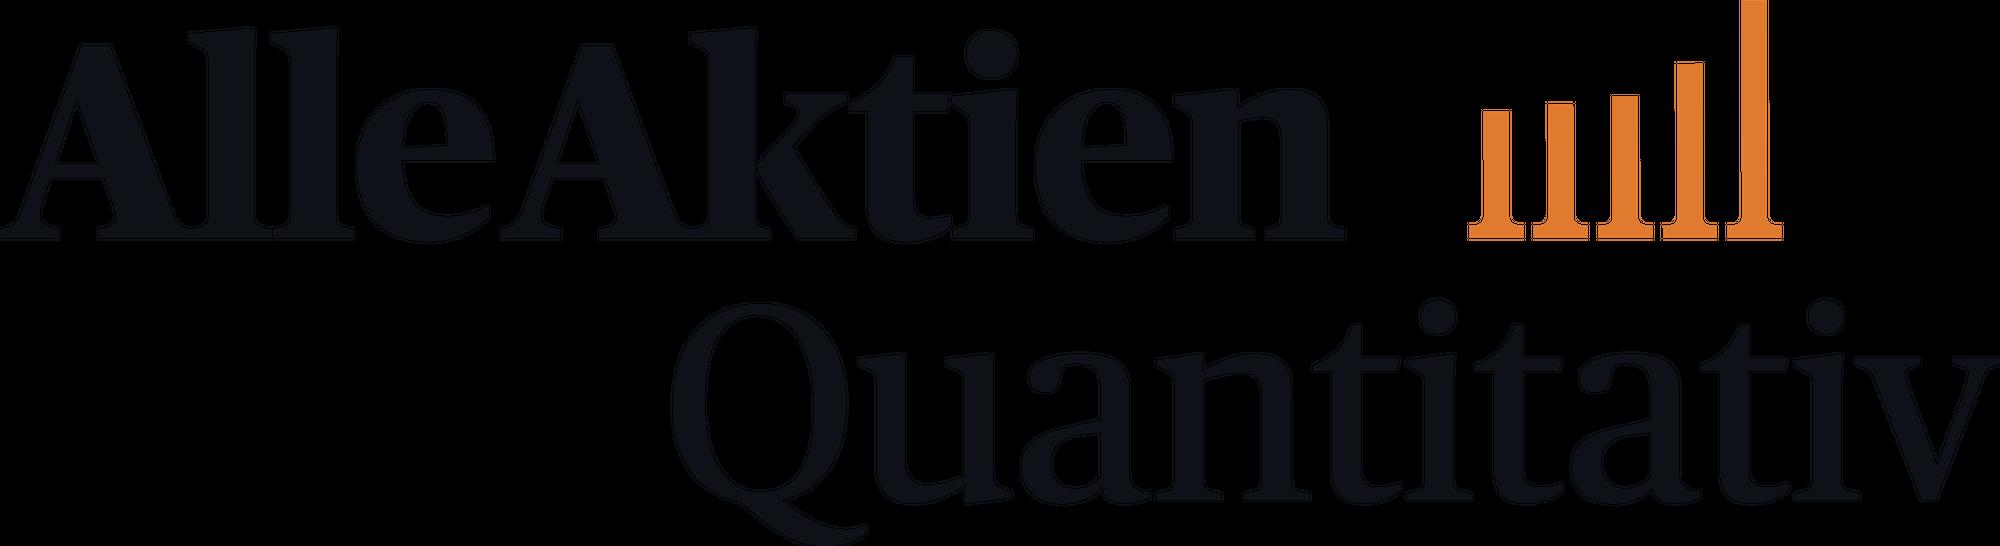 Alle Aktien Quantitativ